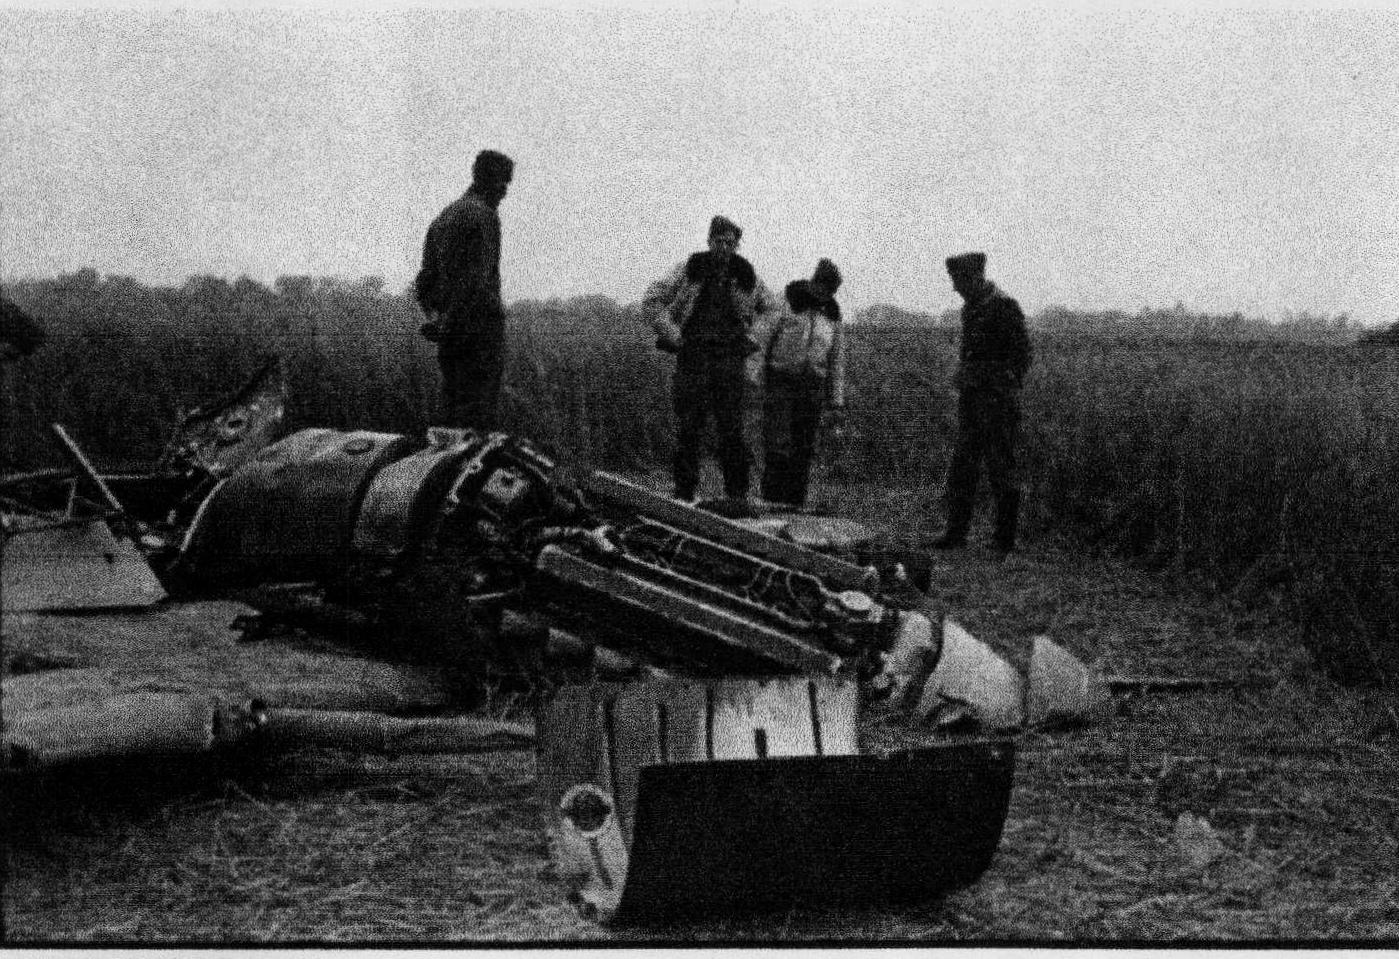 75ème anniversaire de la libération de la ville d'Abbeville Somme Hogart10